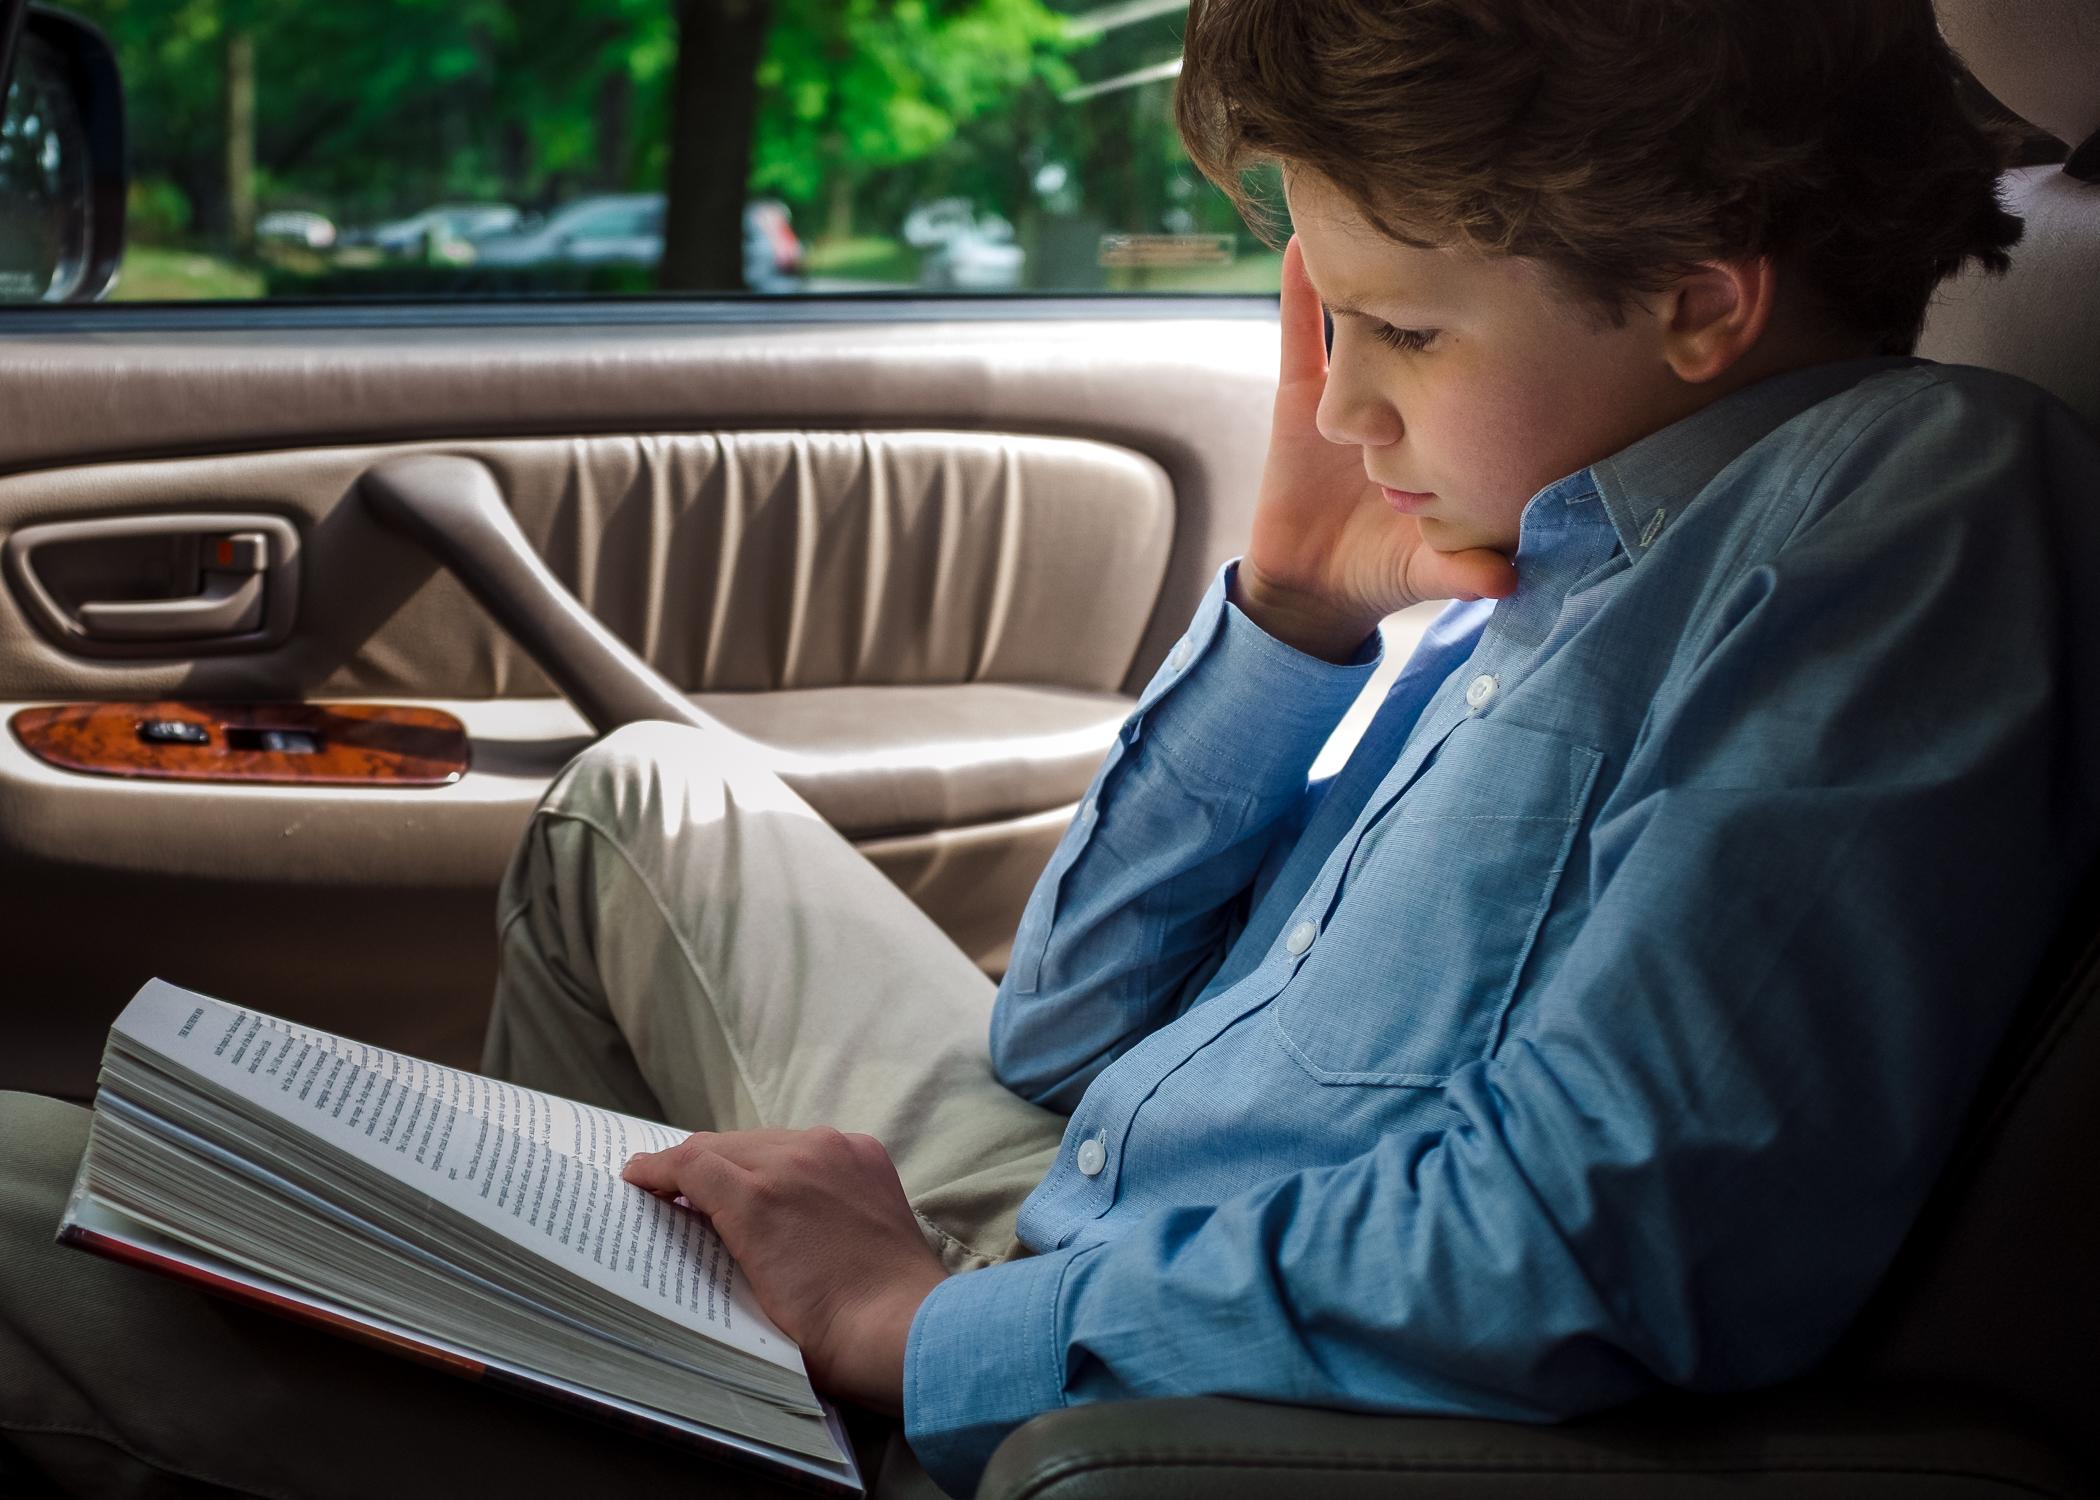 rebeccawyatt.s.reading.in.front.seat-1.jpg